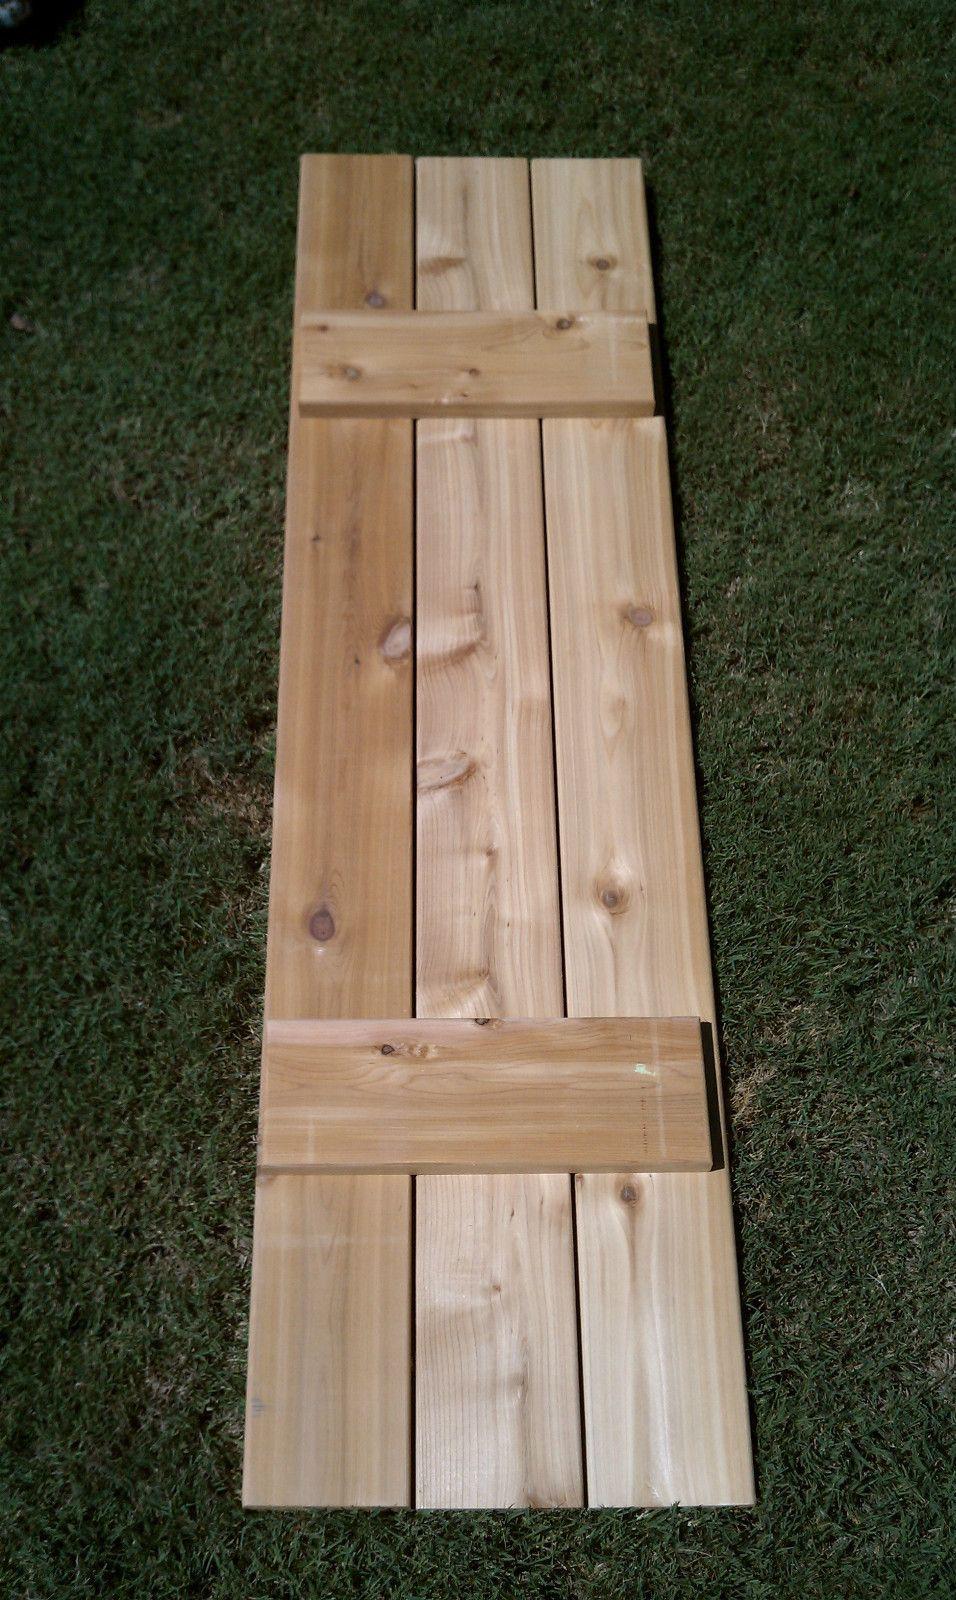 Craftsman style cedar board and batten shutters board